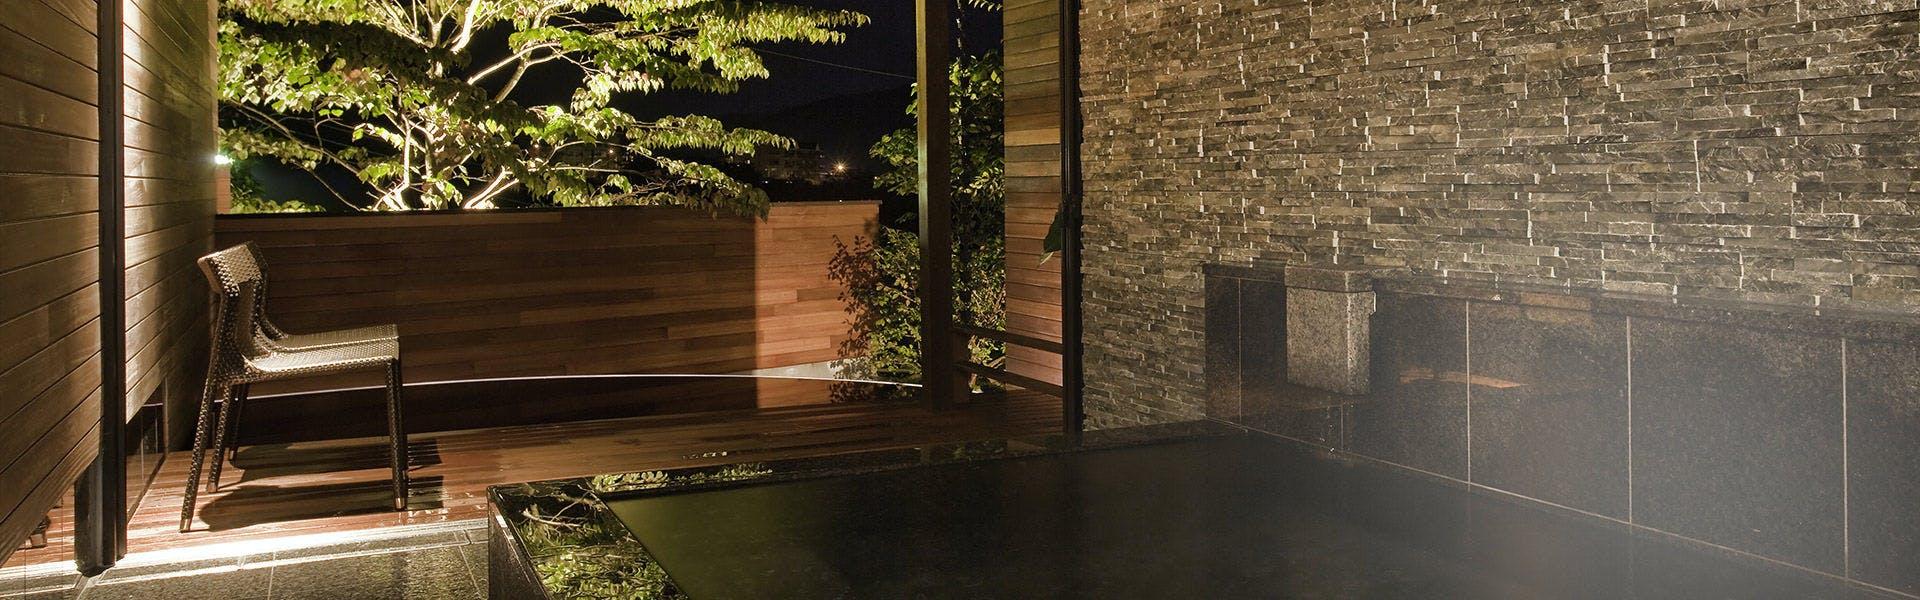 記念日におすすめのホテル・箱根芦ノ湖温泉 和心亭 豊月の写真3